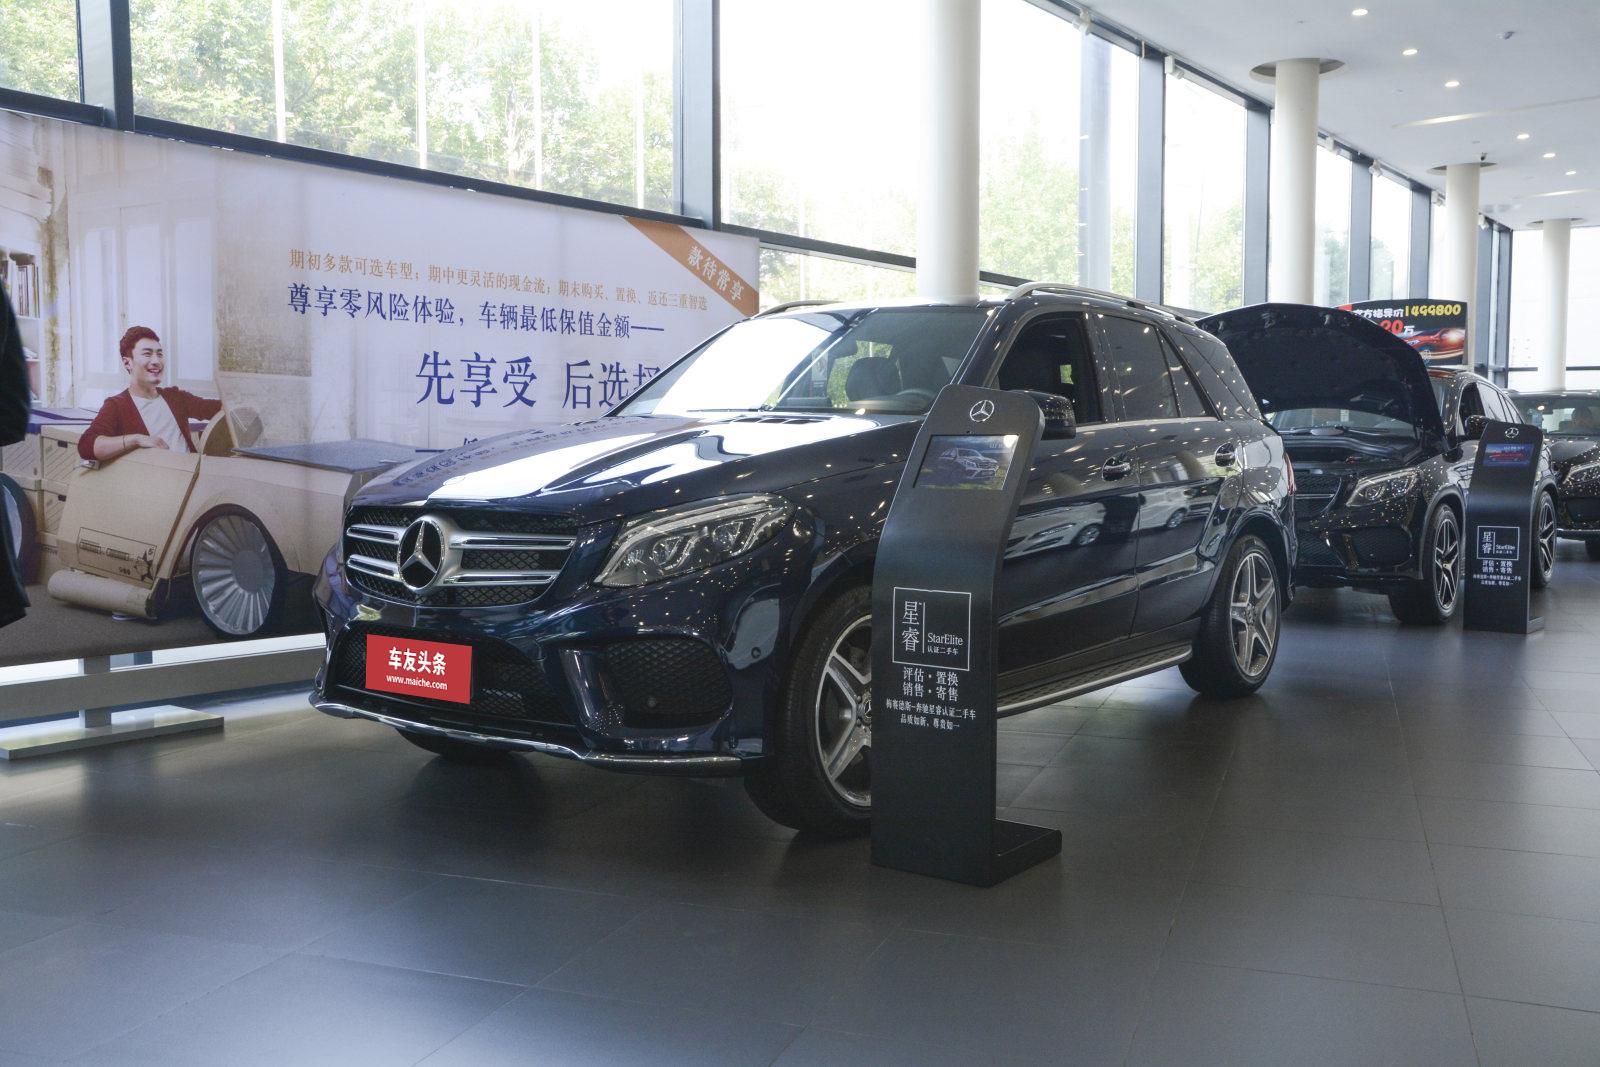 售73.98万元-89.88万元 2019款奔驰GLE正式上市